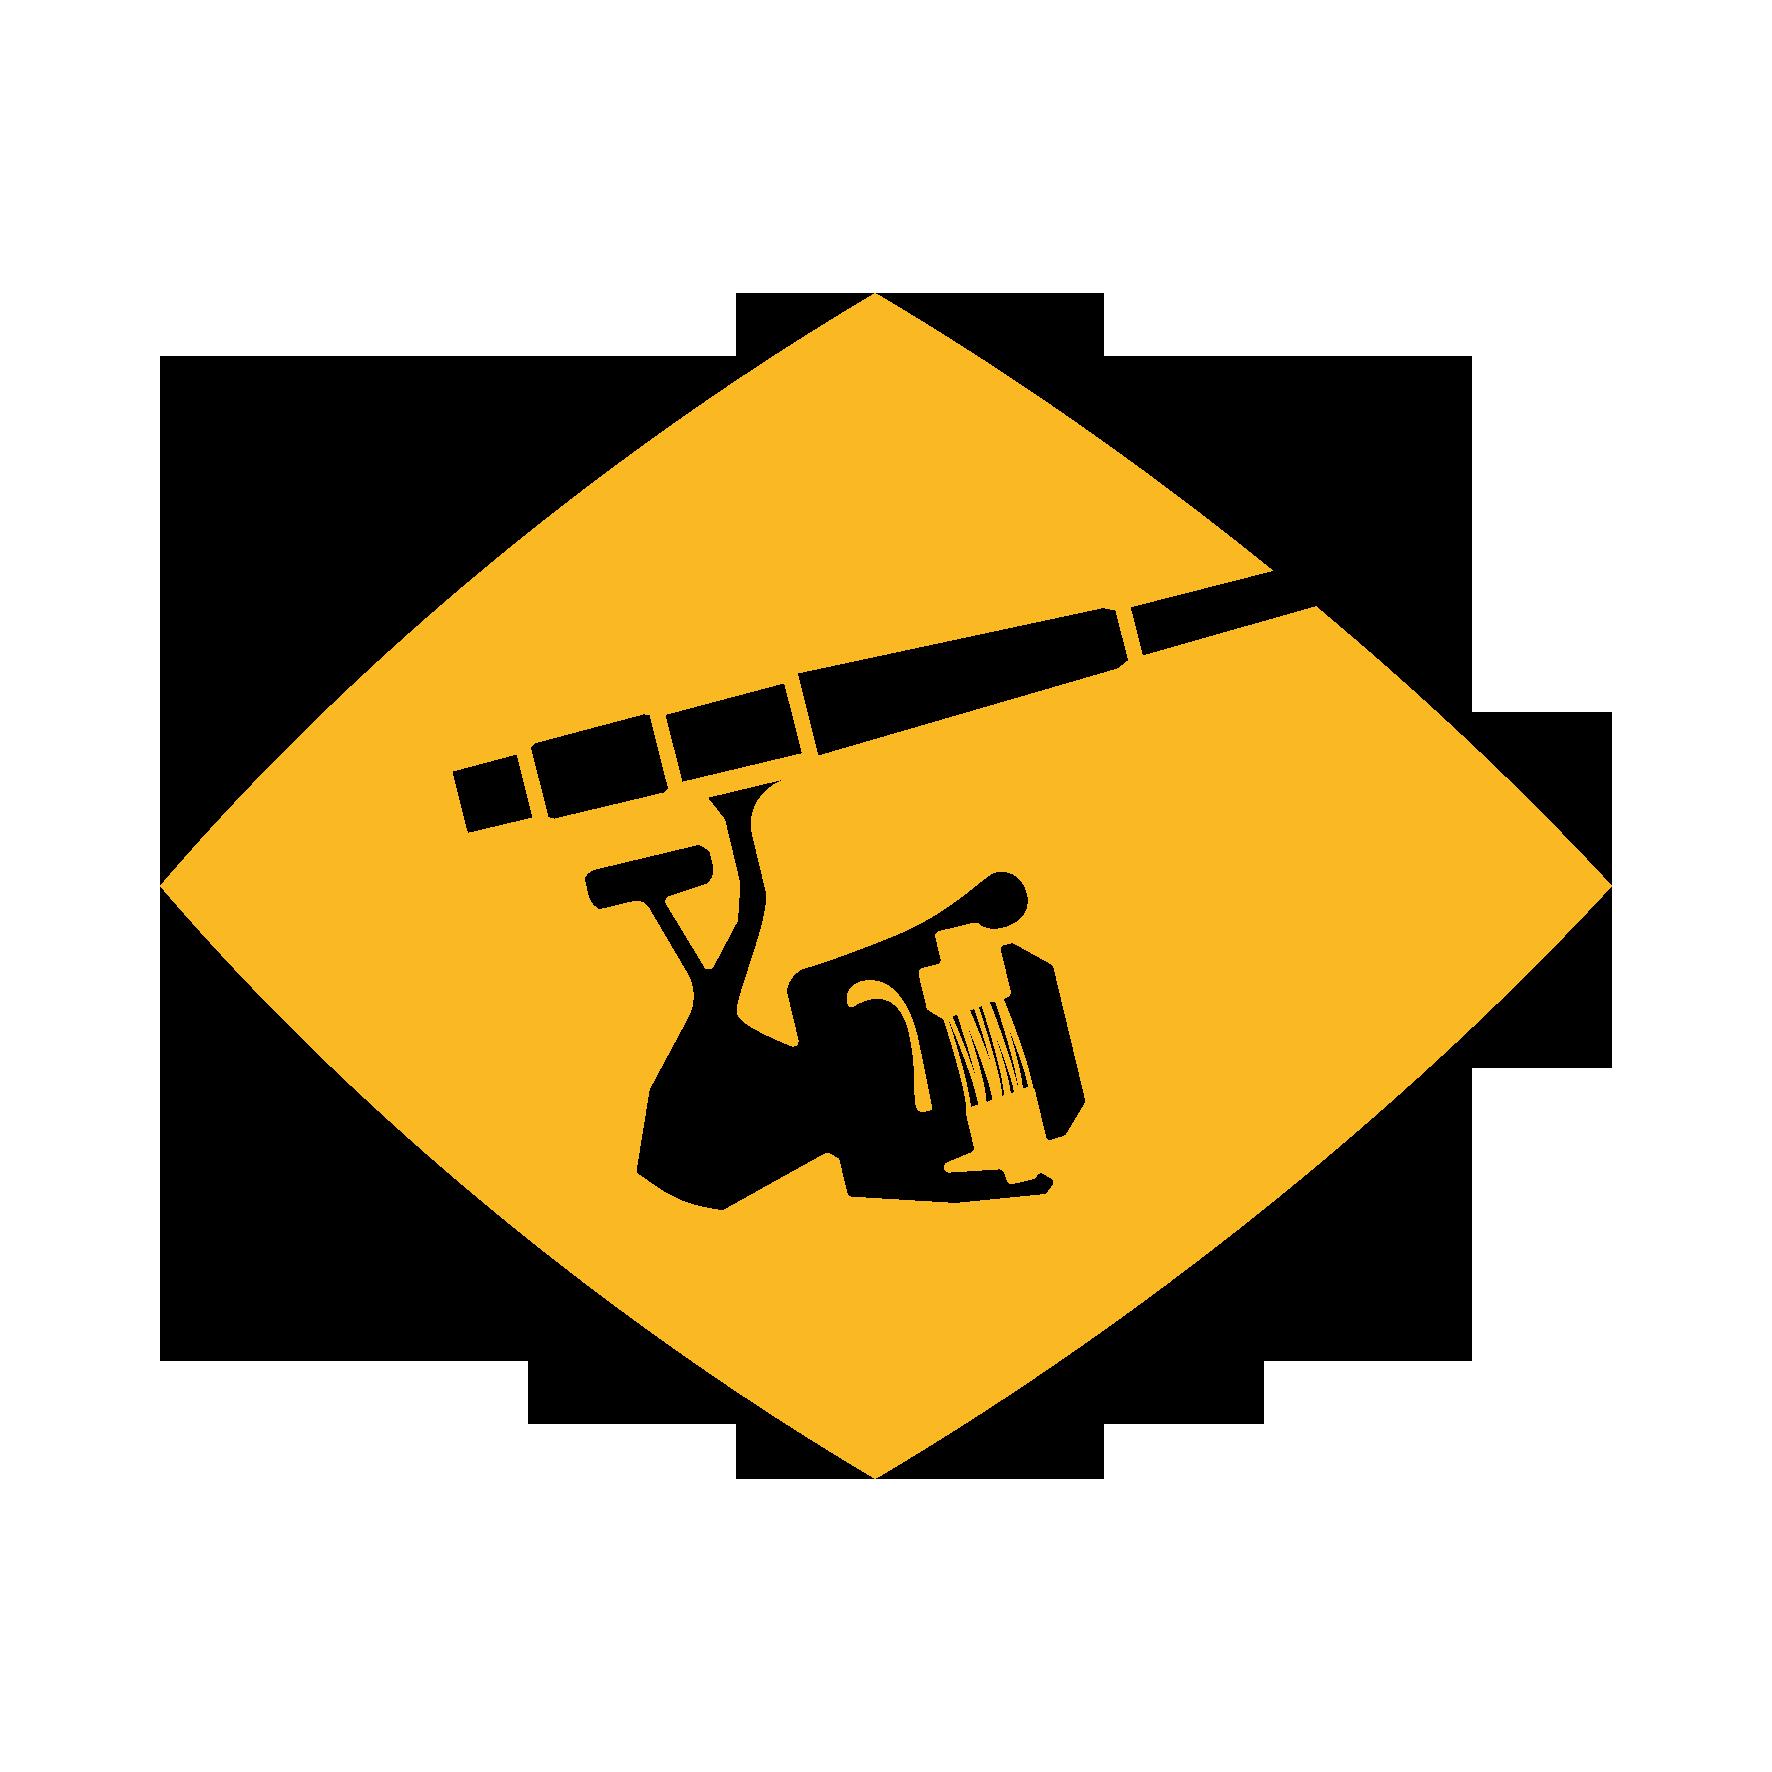 picto moulinet jaune